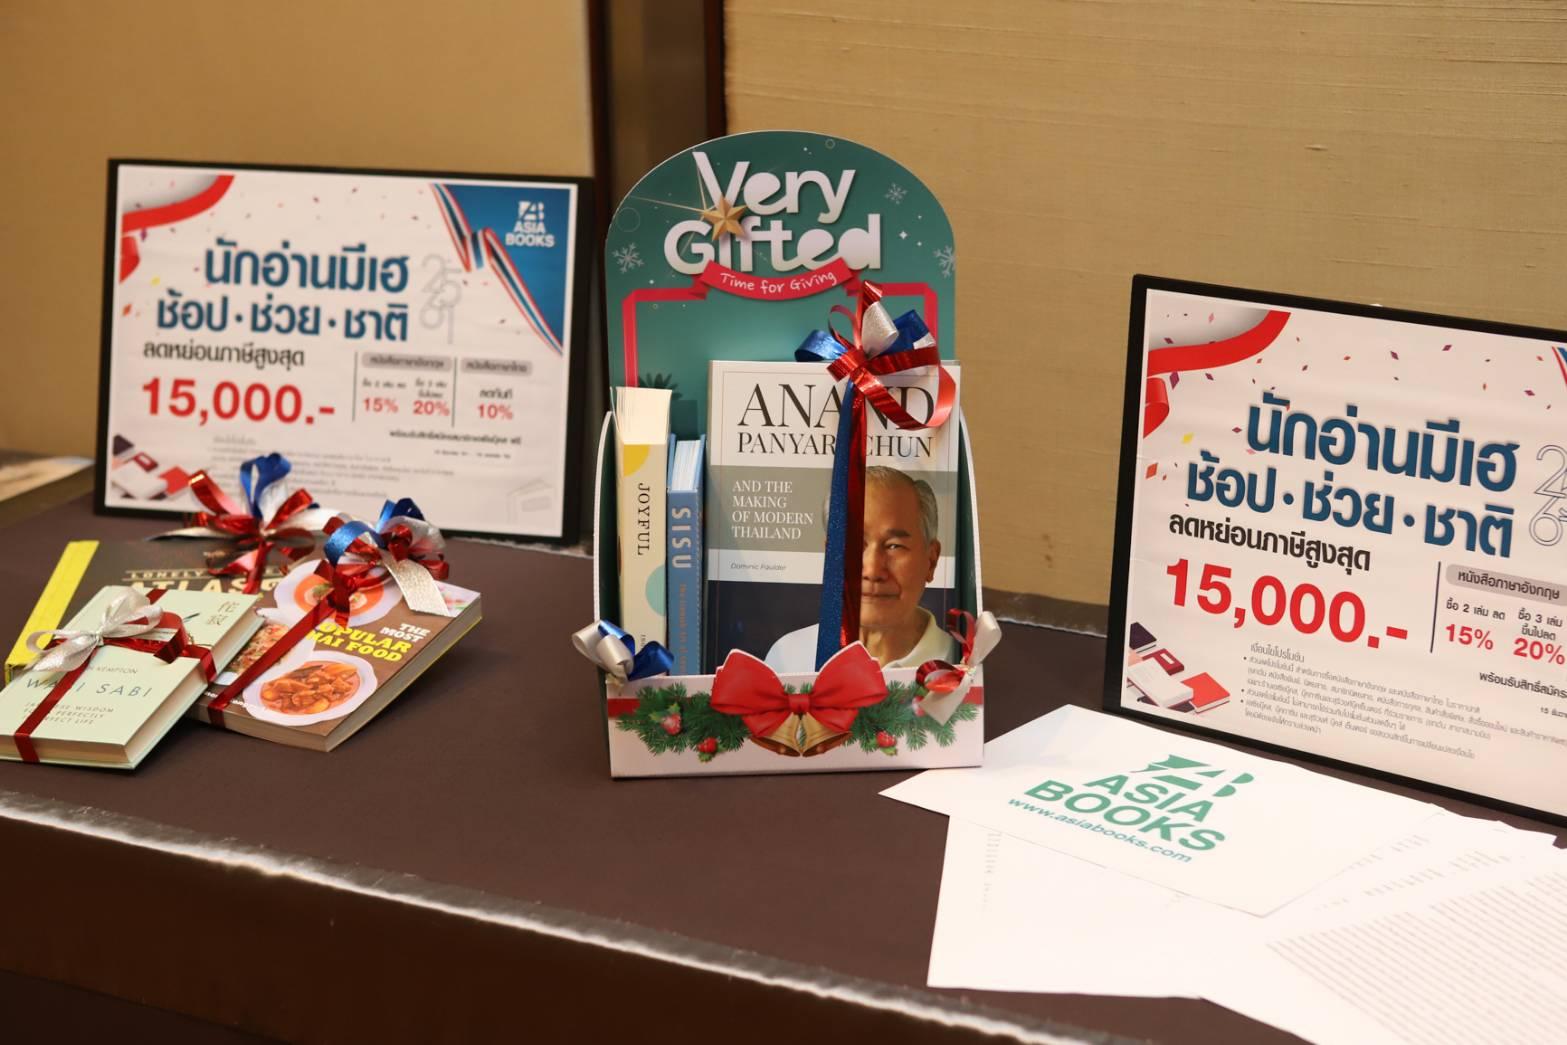 Asia Books ขานรับมาตรการช้อปช่วยชาติ ลดภาษีสูงสุดได้ถึง 15,000 บาท พร้อมจัดโปรโมชั่น Very Gift: Time for Giving เมื่อซื้อสินค้าครบ 1,000 บาท รับสิทธิ์จับคูปองส่วนลดสูงสุดถึง 300 บาท!! รวมถึงส่วนลดต่างๆ อีกมากมาย ติดตามโปรโมชั่นสุดพิเศษเพิ่มเติมได้ที่เฟสบุ๊ค AsiaBooks